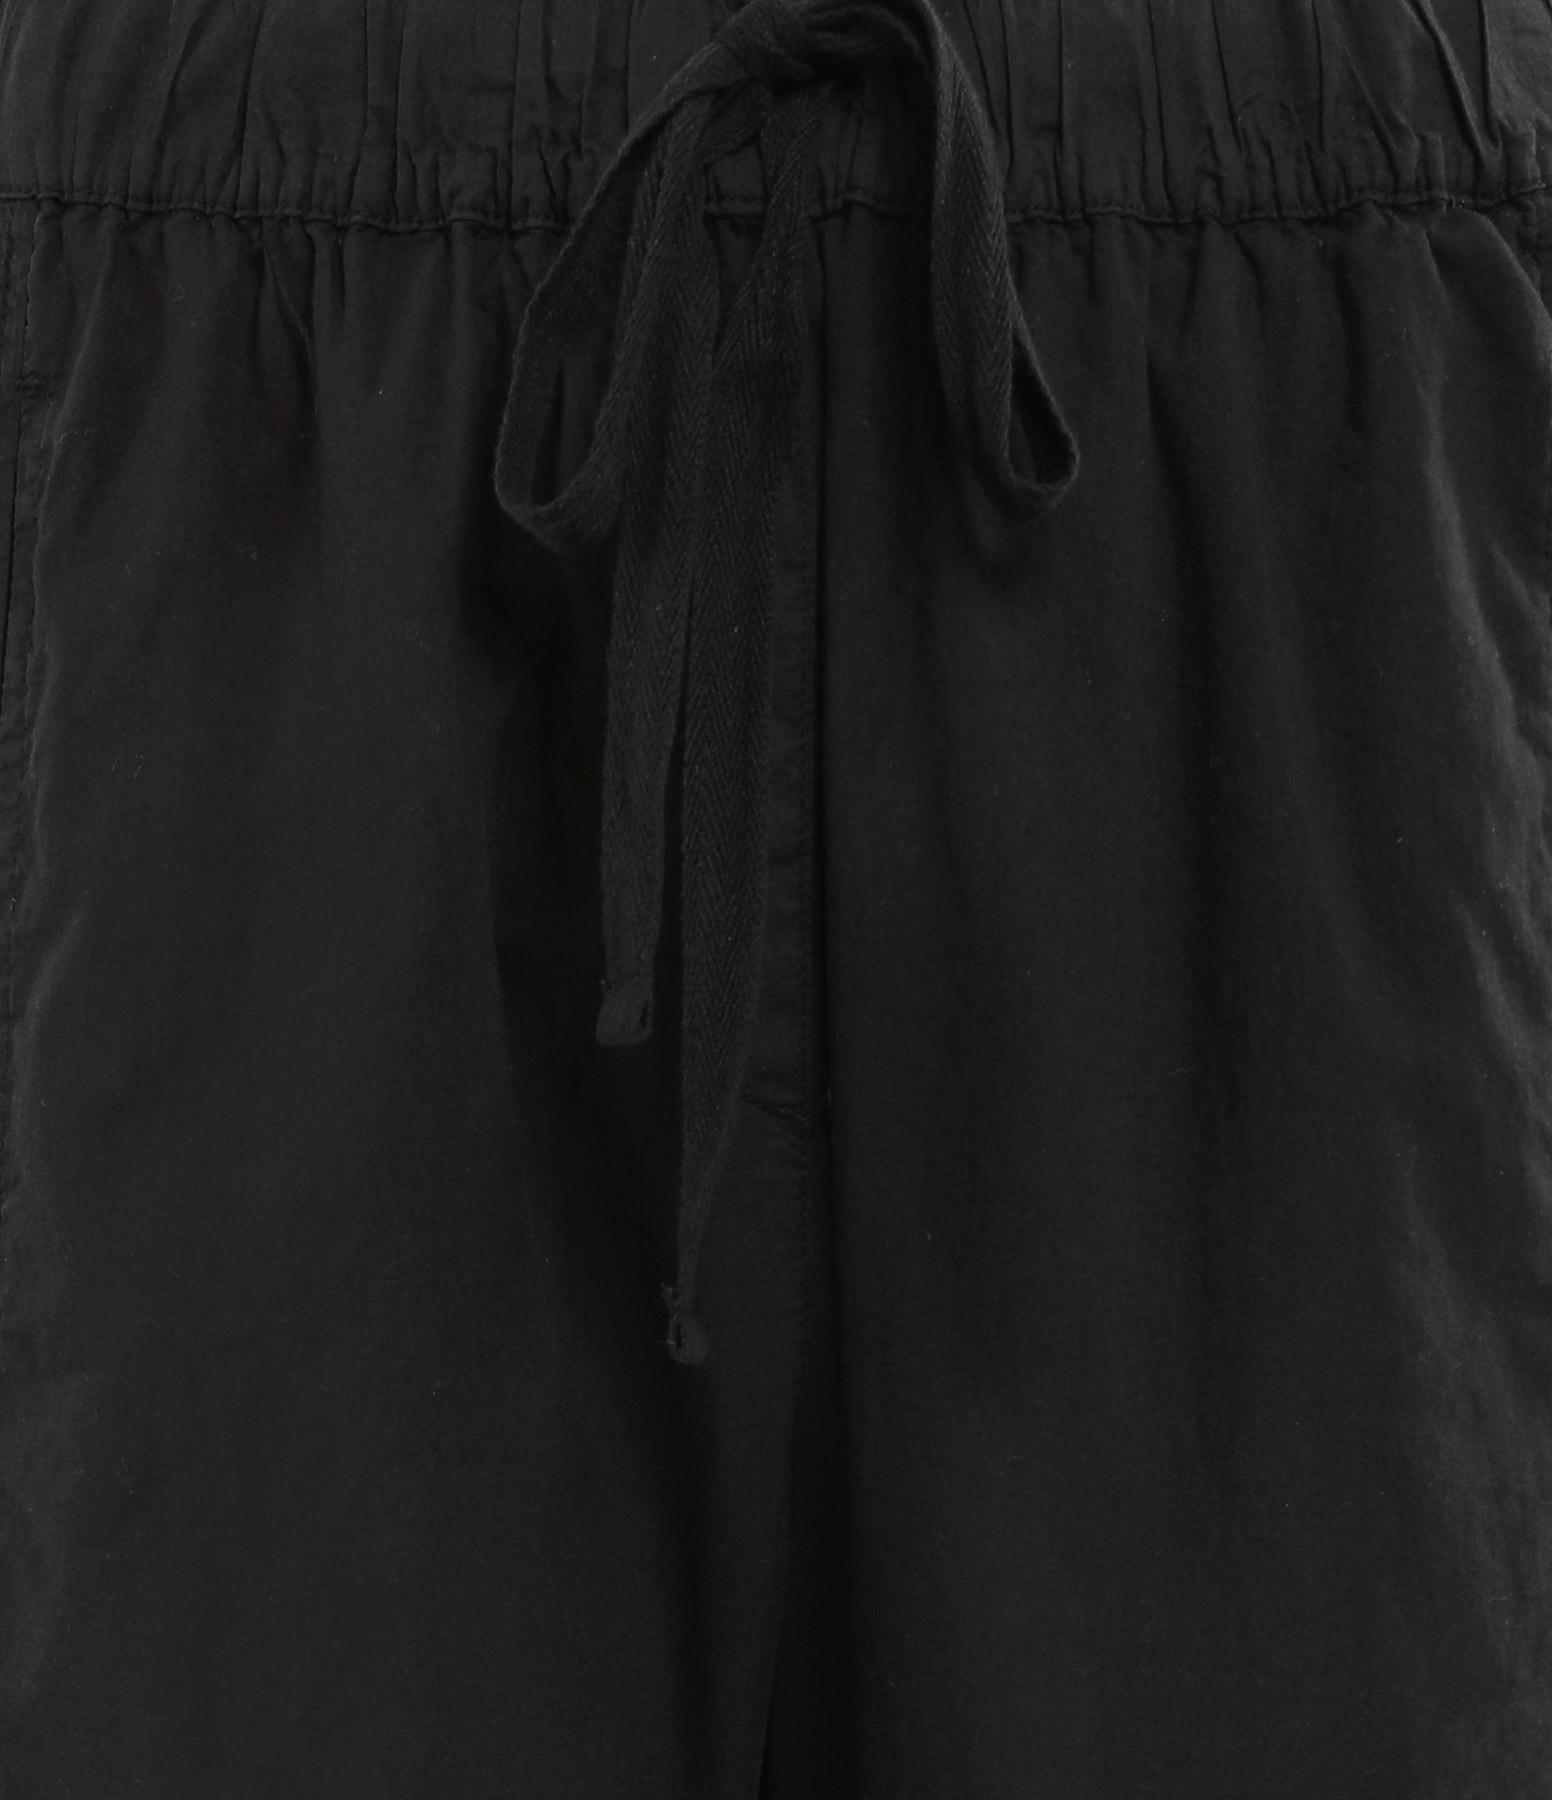 XIRENA - Pantalon Draper Coton Noir